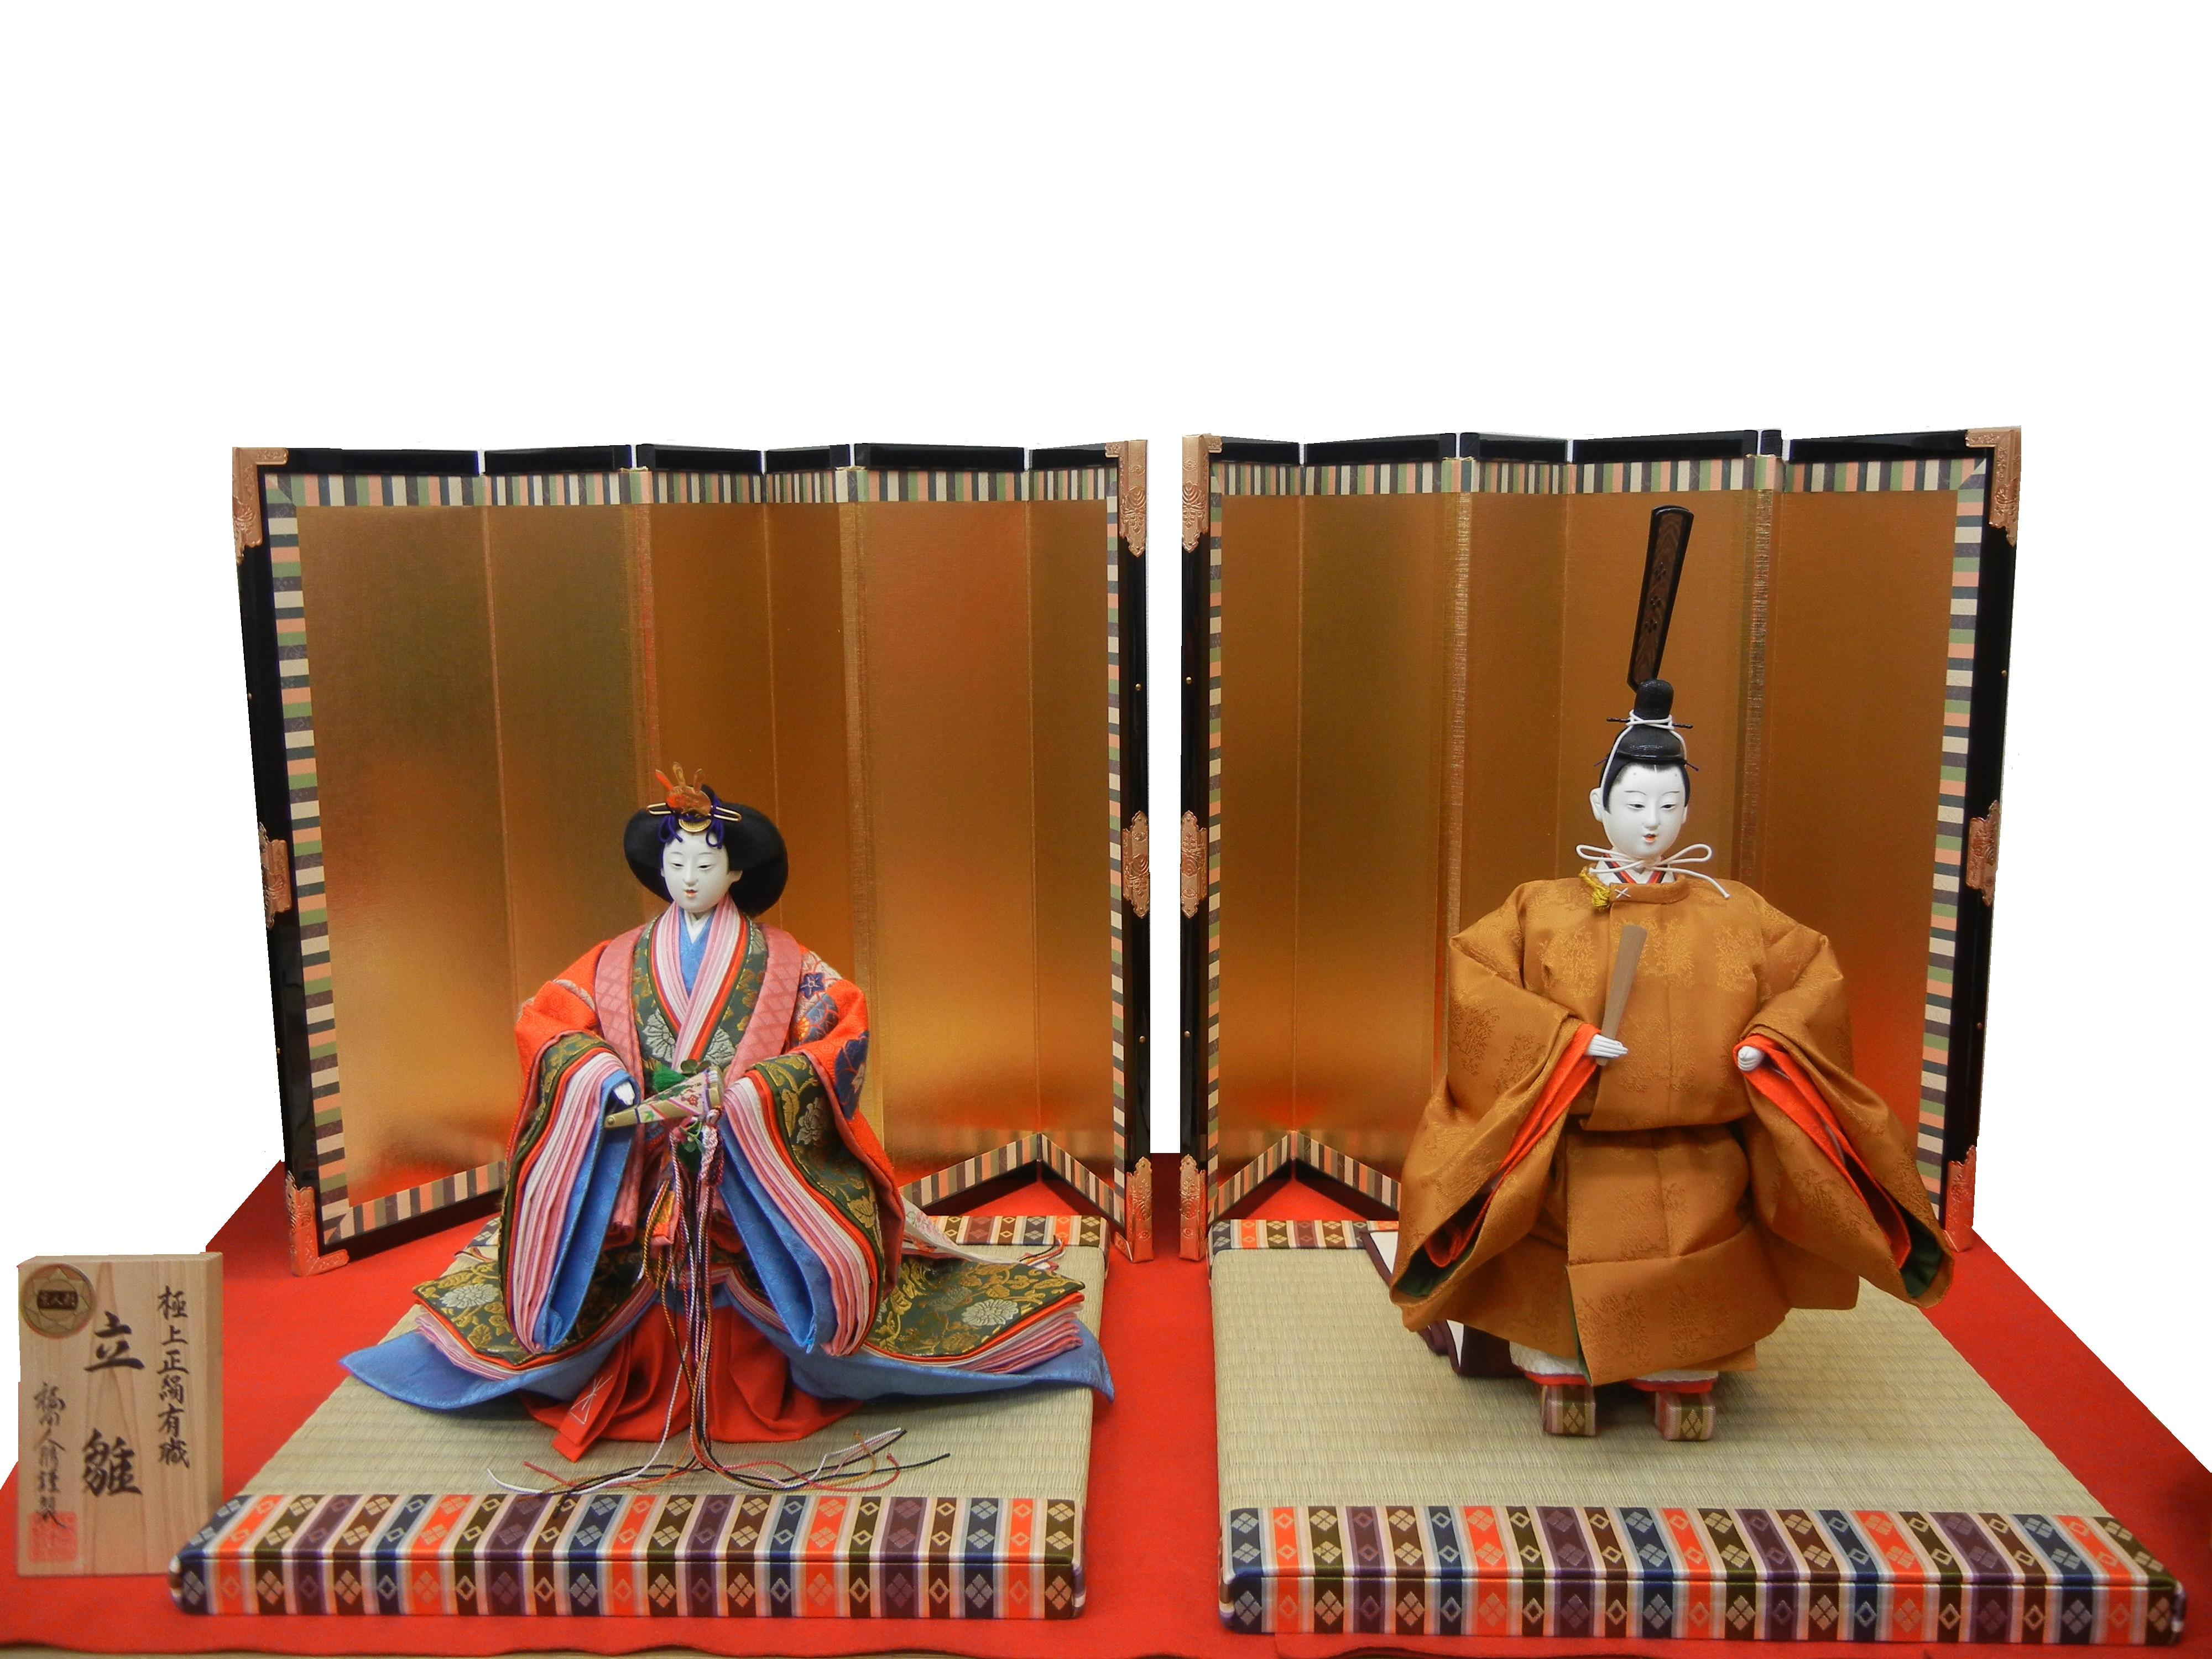 [20]京製 井上雅風作 八番 有職立雛飾